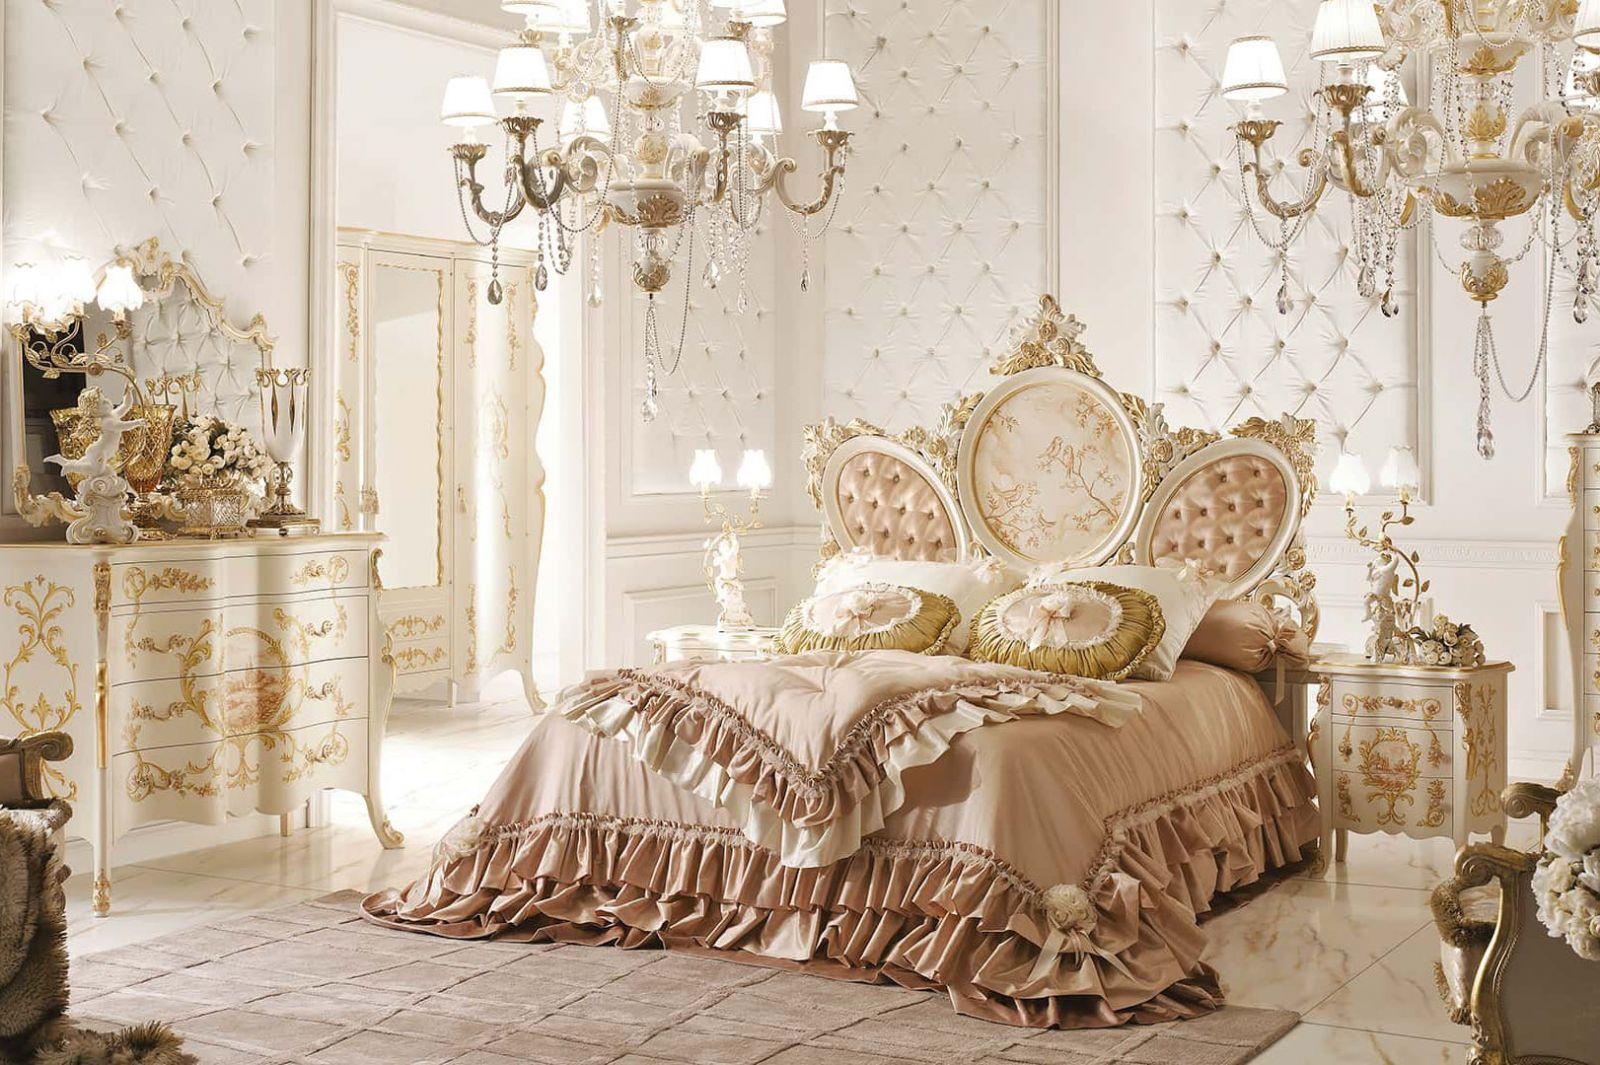 Thiết kế nội thất cổ điển. Dành cho ai thích hoài niệm, cổ kính